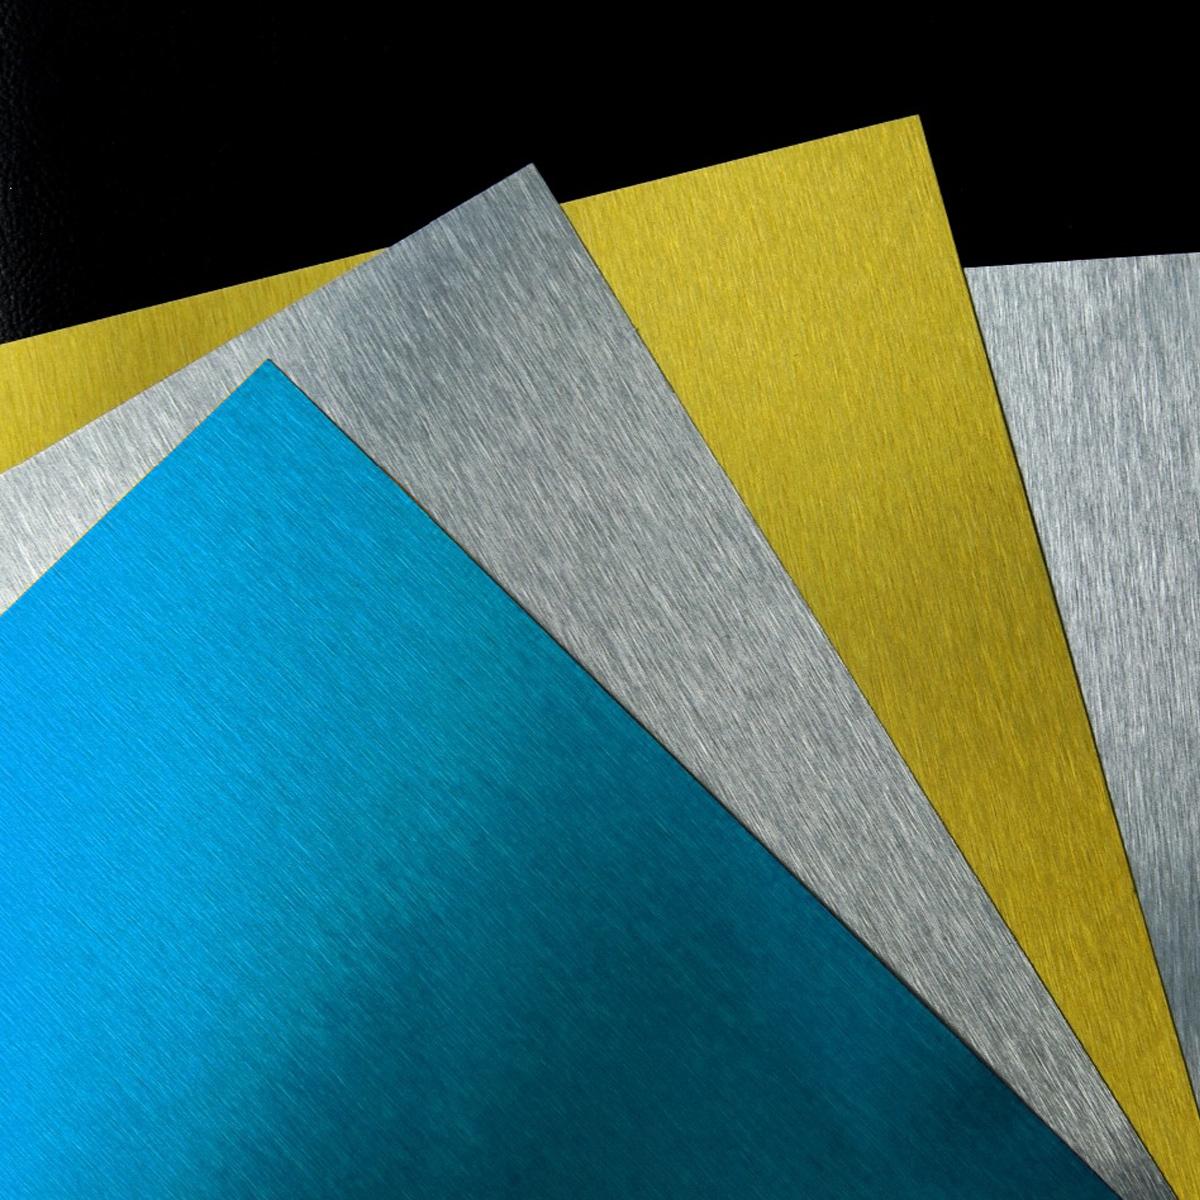 全正彩色拉丝铝板彩色铝板厚铝板